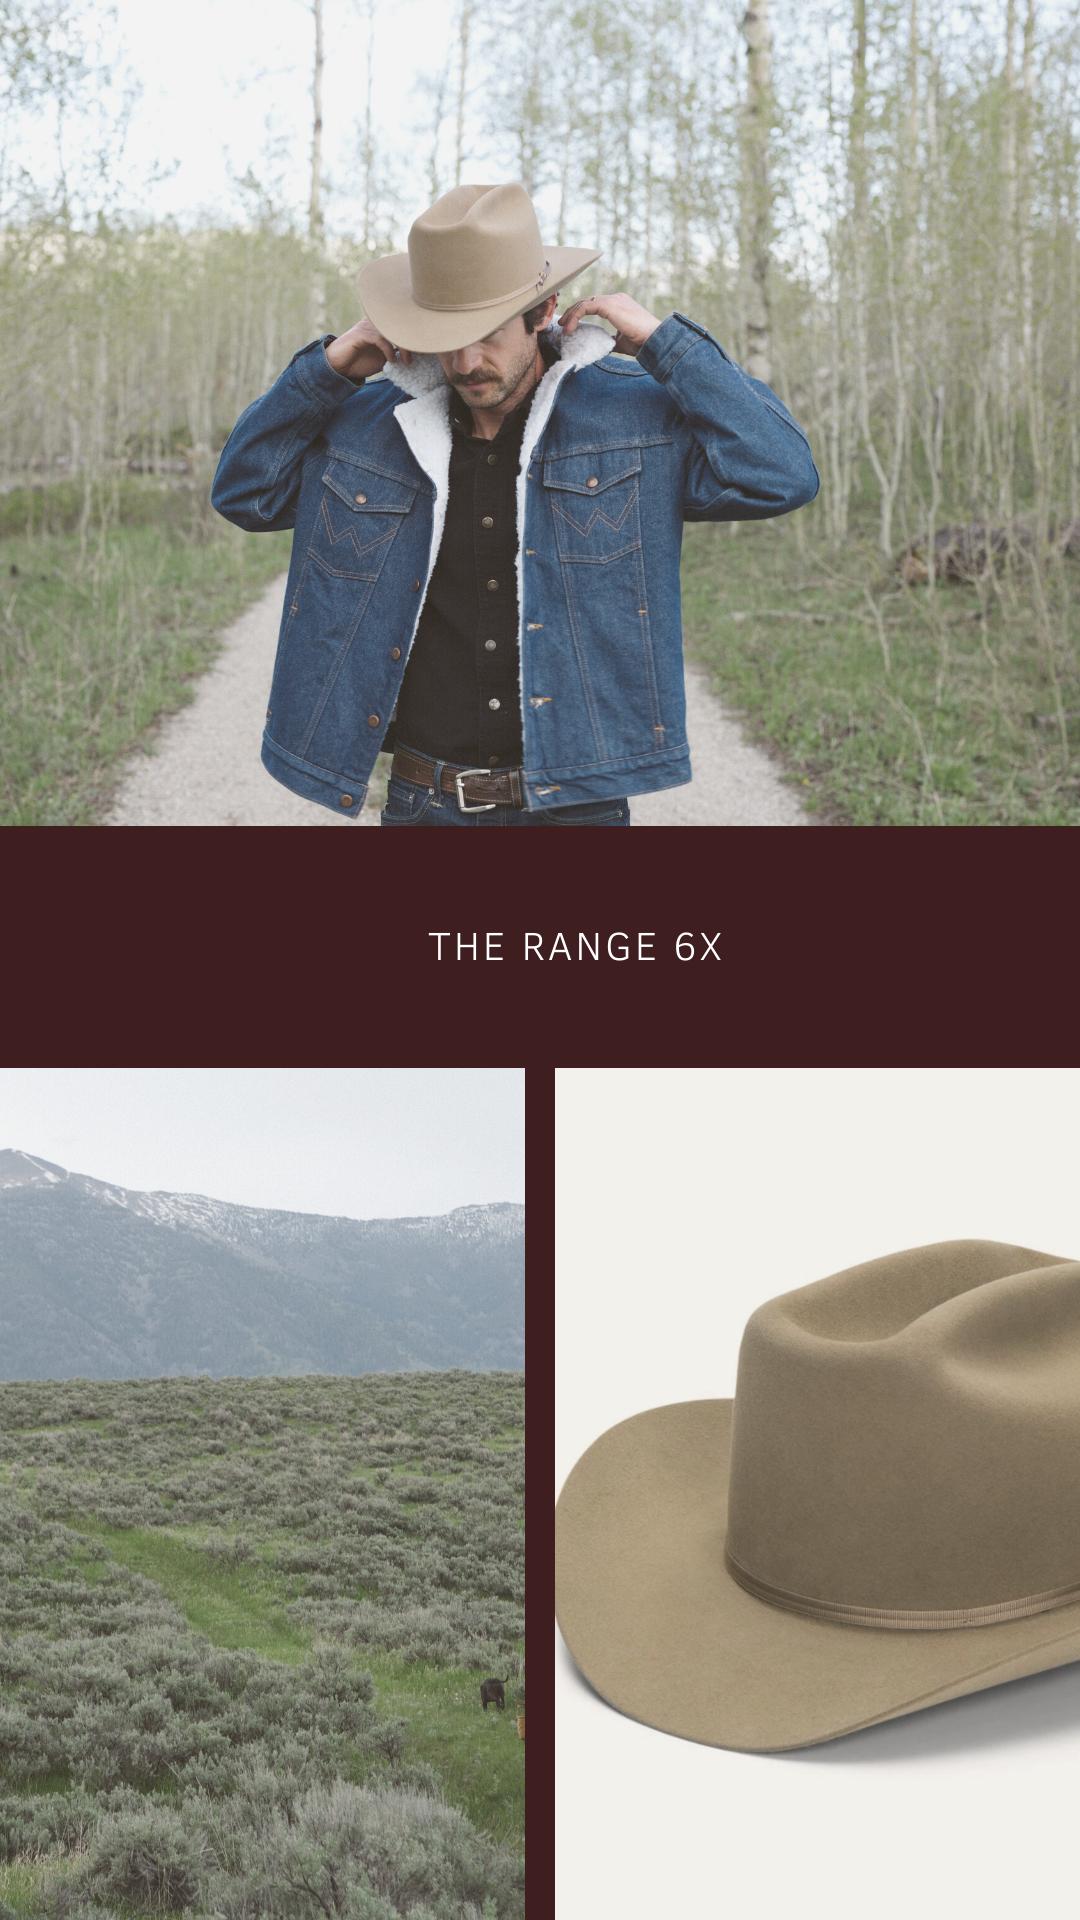 Range 6x Cowboy Hat Cowboy Hats Cowboy Hats